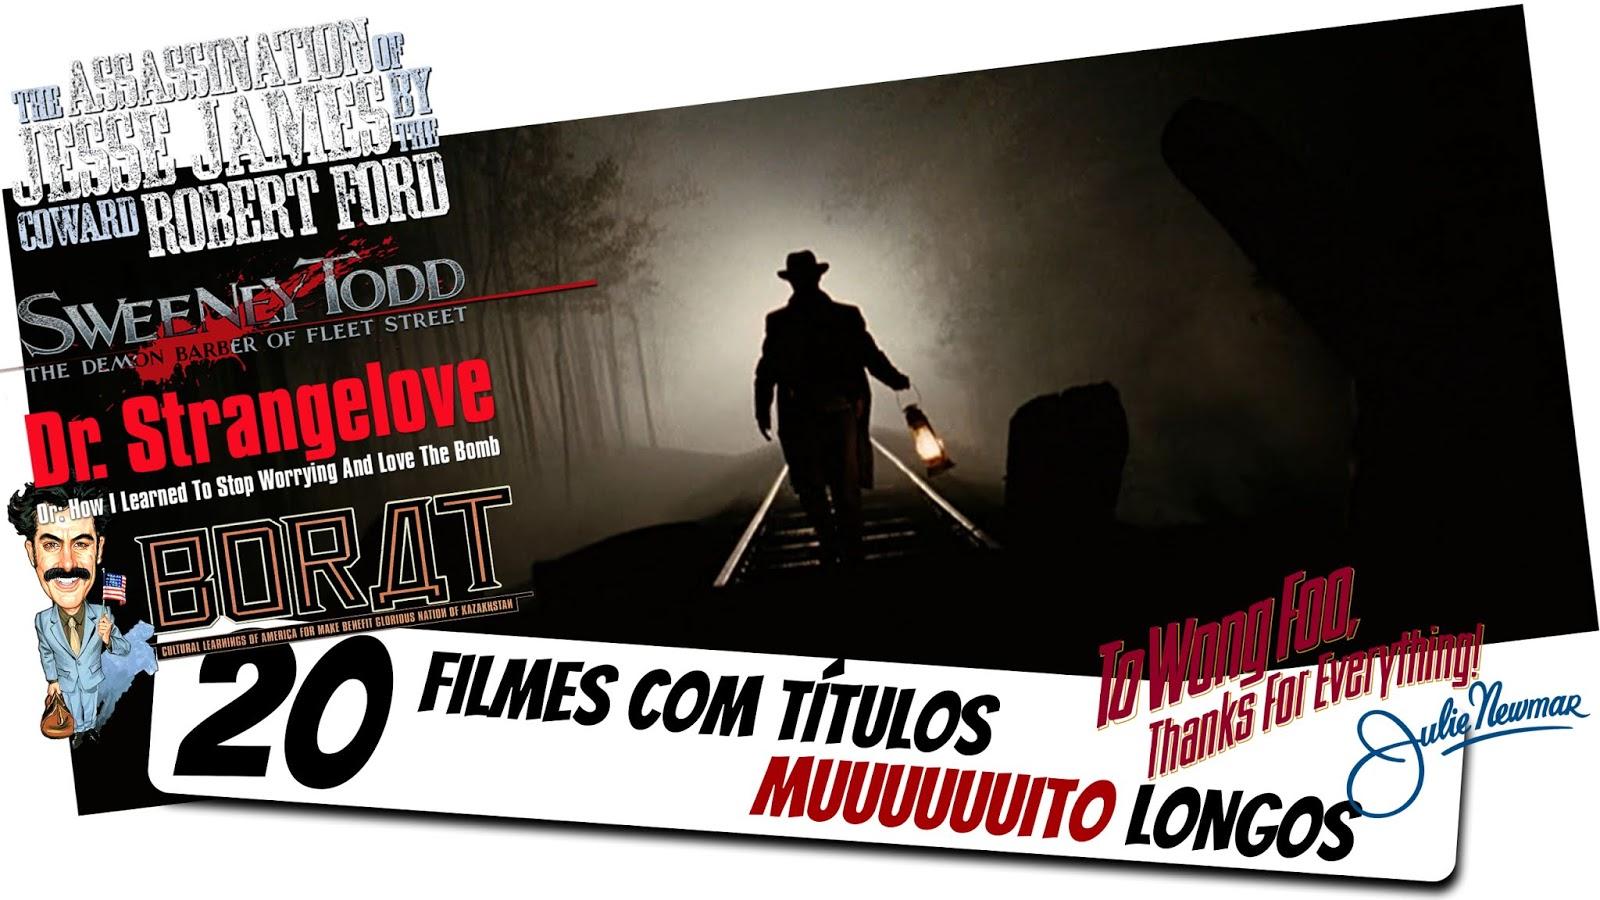 20-filmes-com-titulos-muuuuuuito-longos